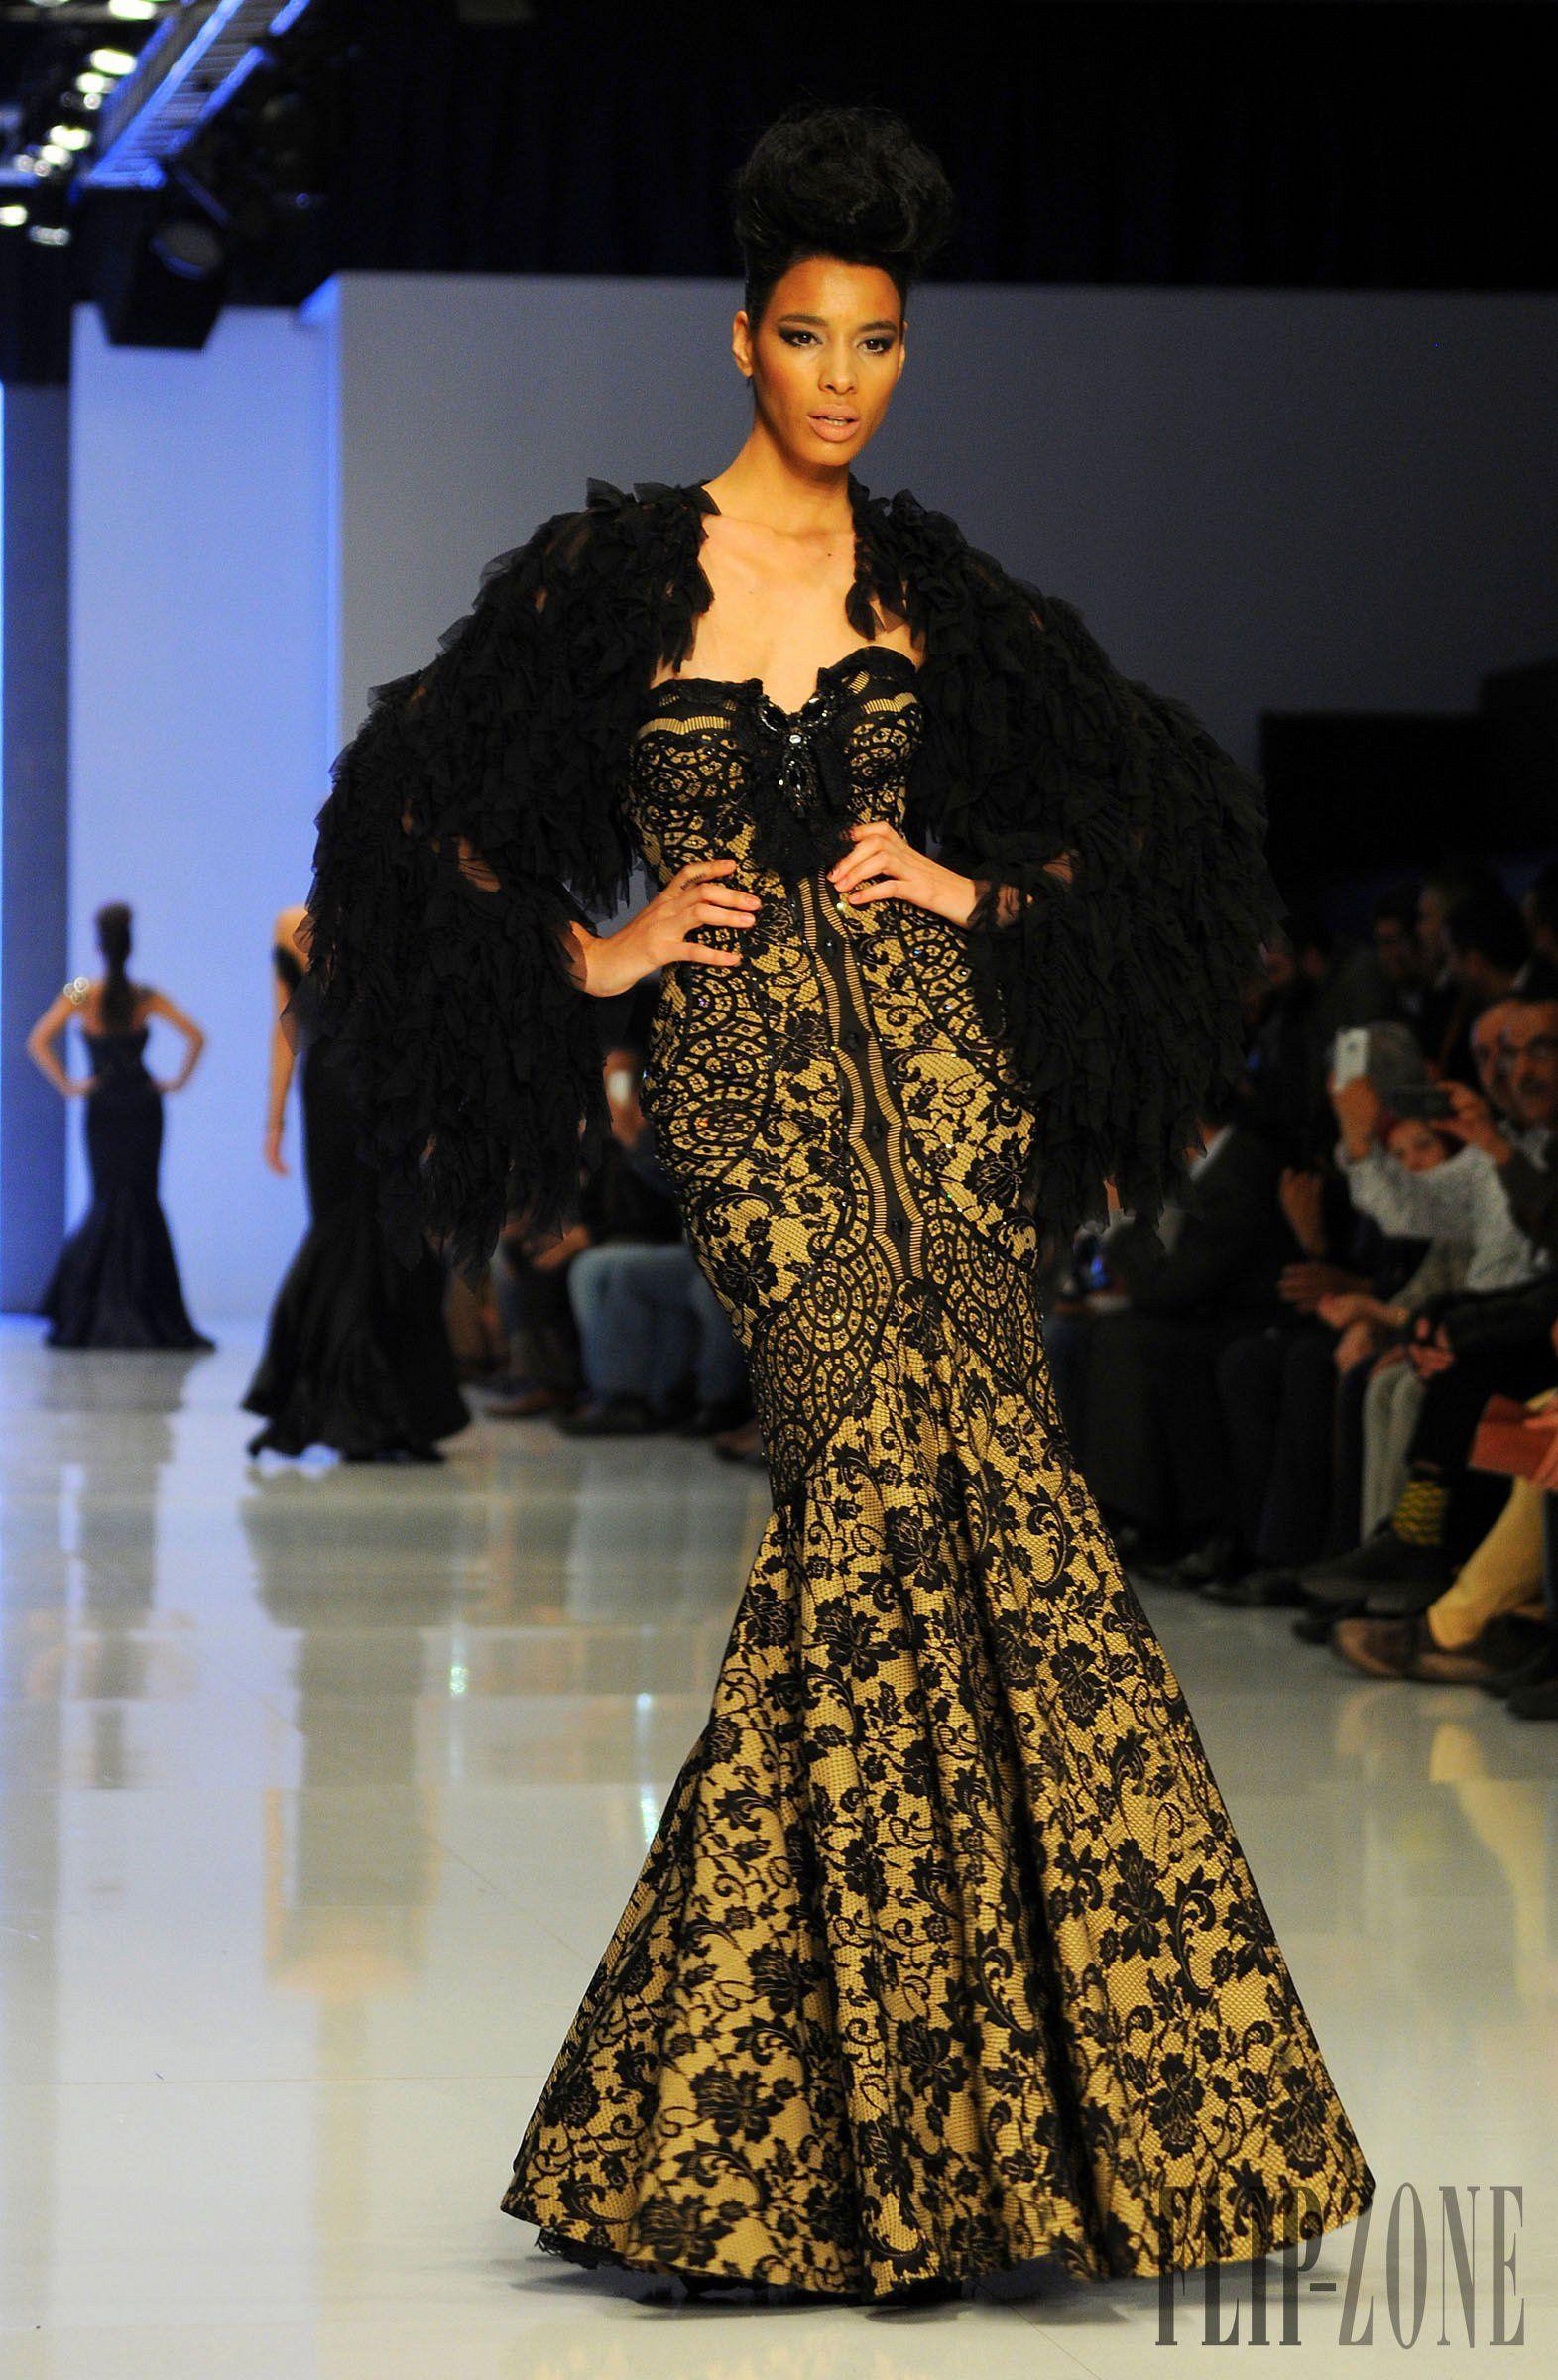 Fouad sarkis İlkbaharyaz couture evening fashion